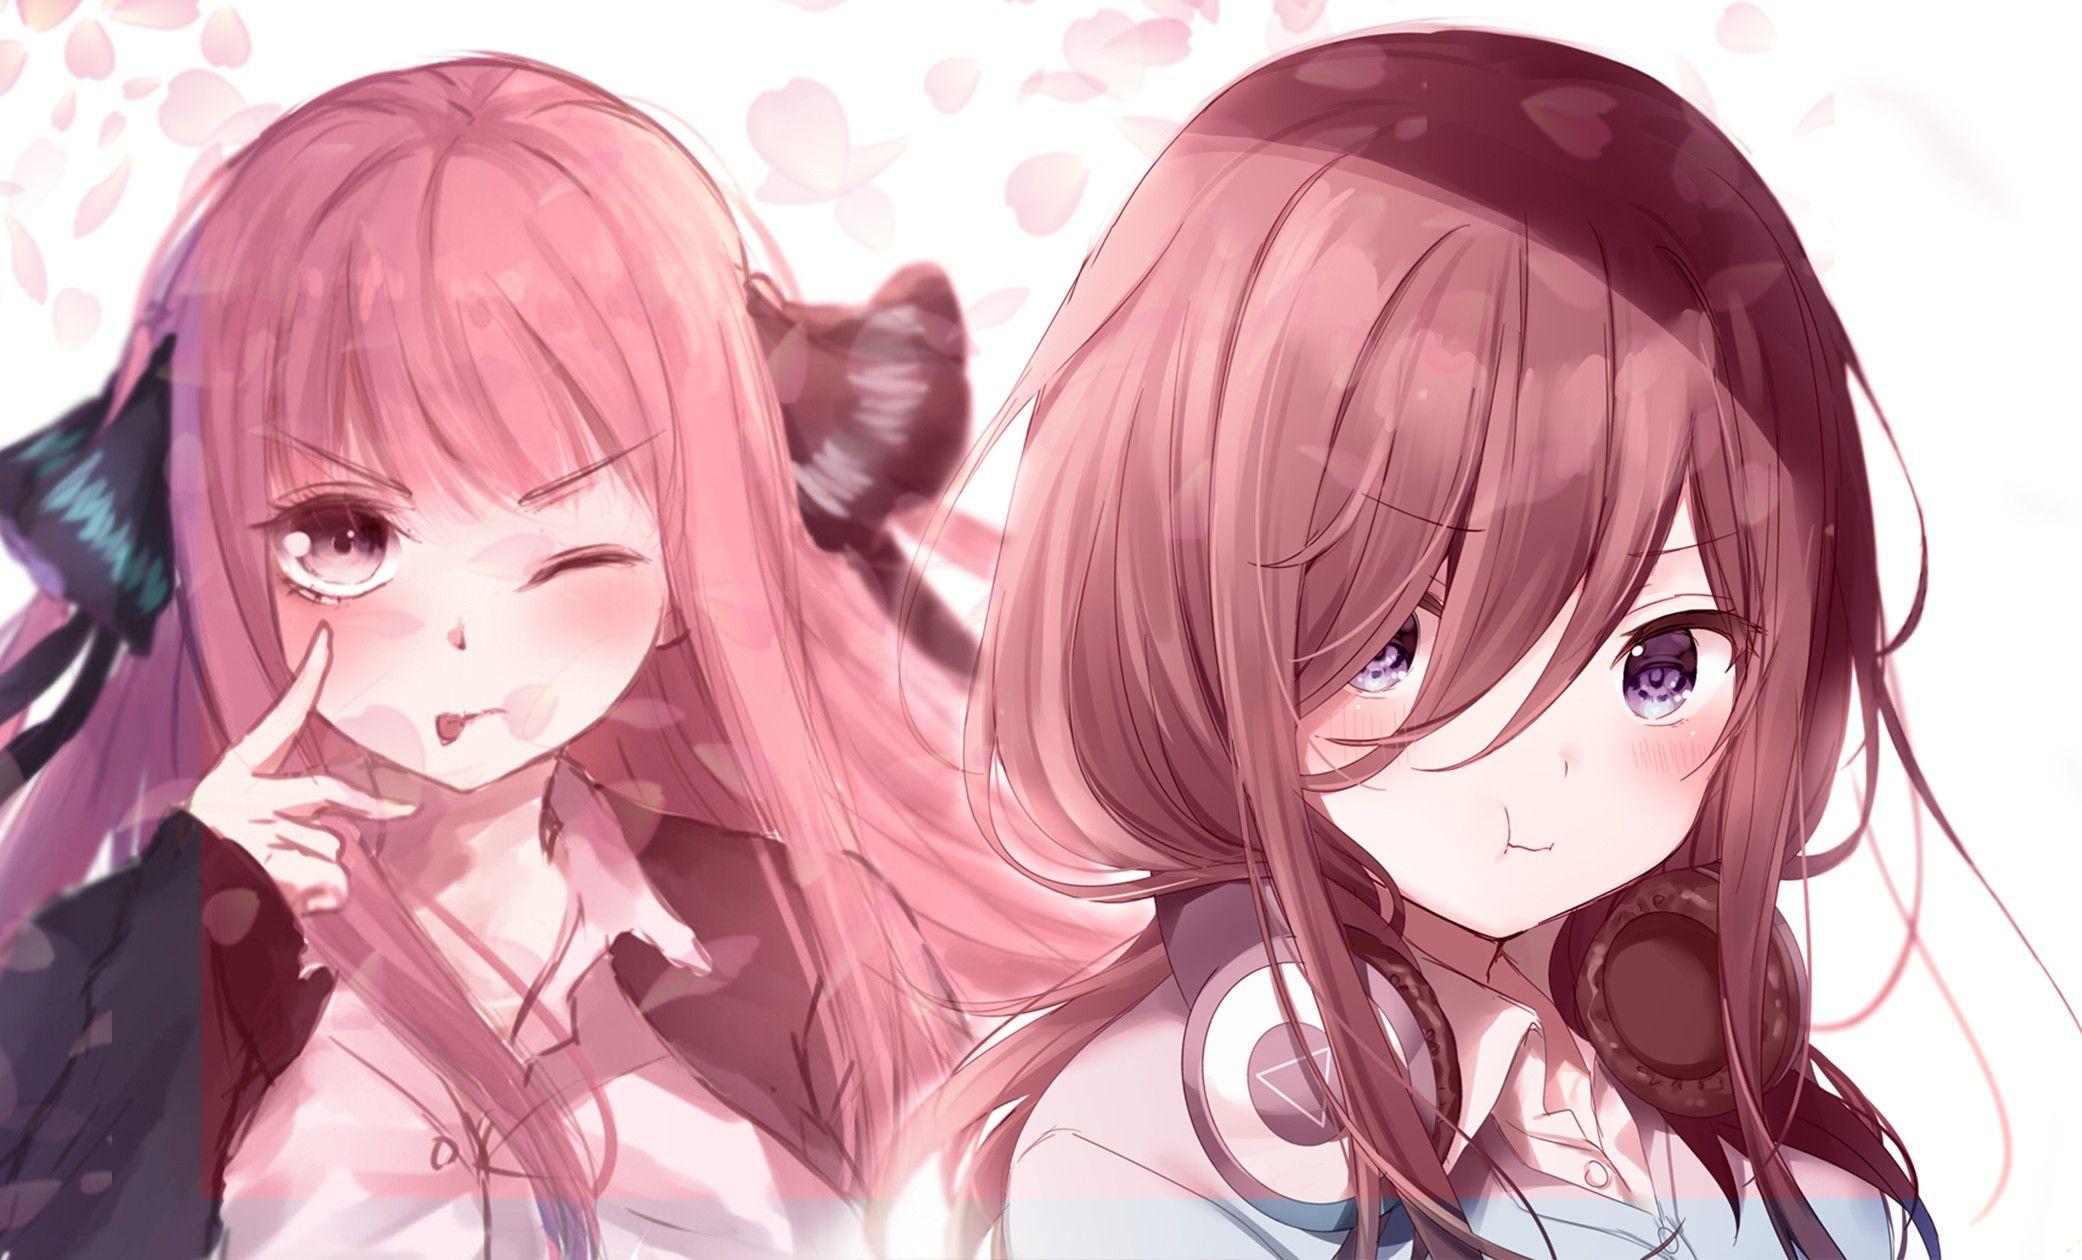 5 toubun no hanayome おしゃれまとめの人気アイデア pinterest mateo かわいいアニメの女の子 カップル イラスト 花嫁